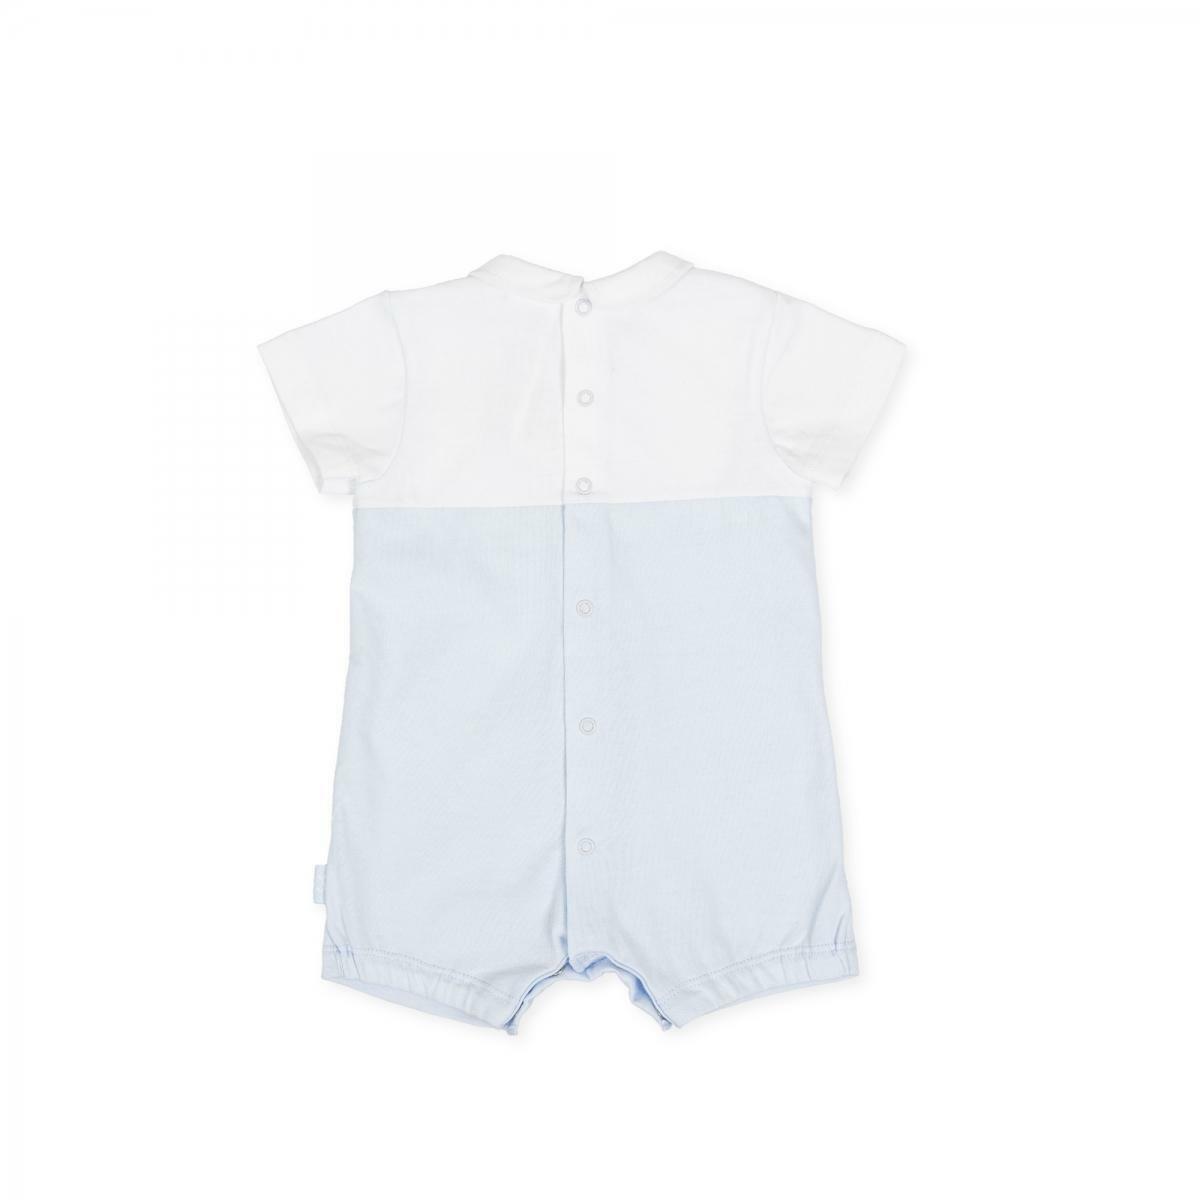 tutto piccolo tutto piccolo pagliacetto  neonato azzurro 8281s20